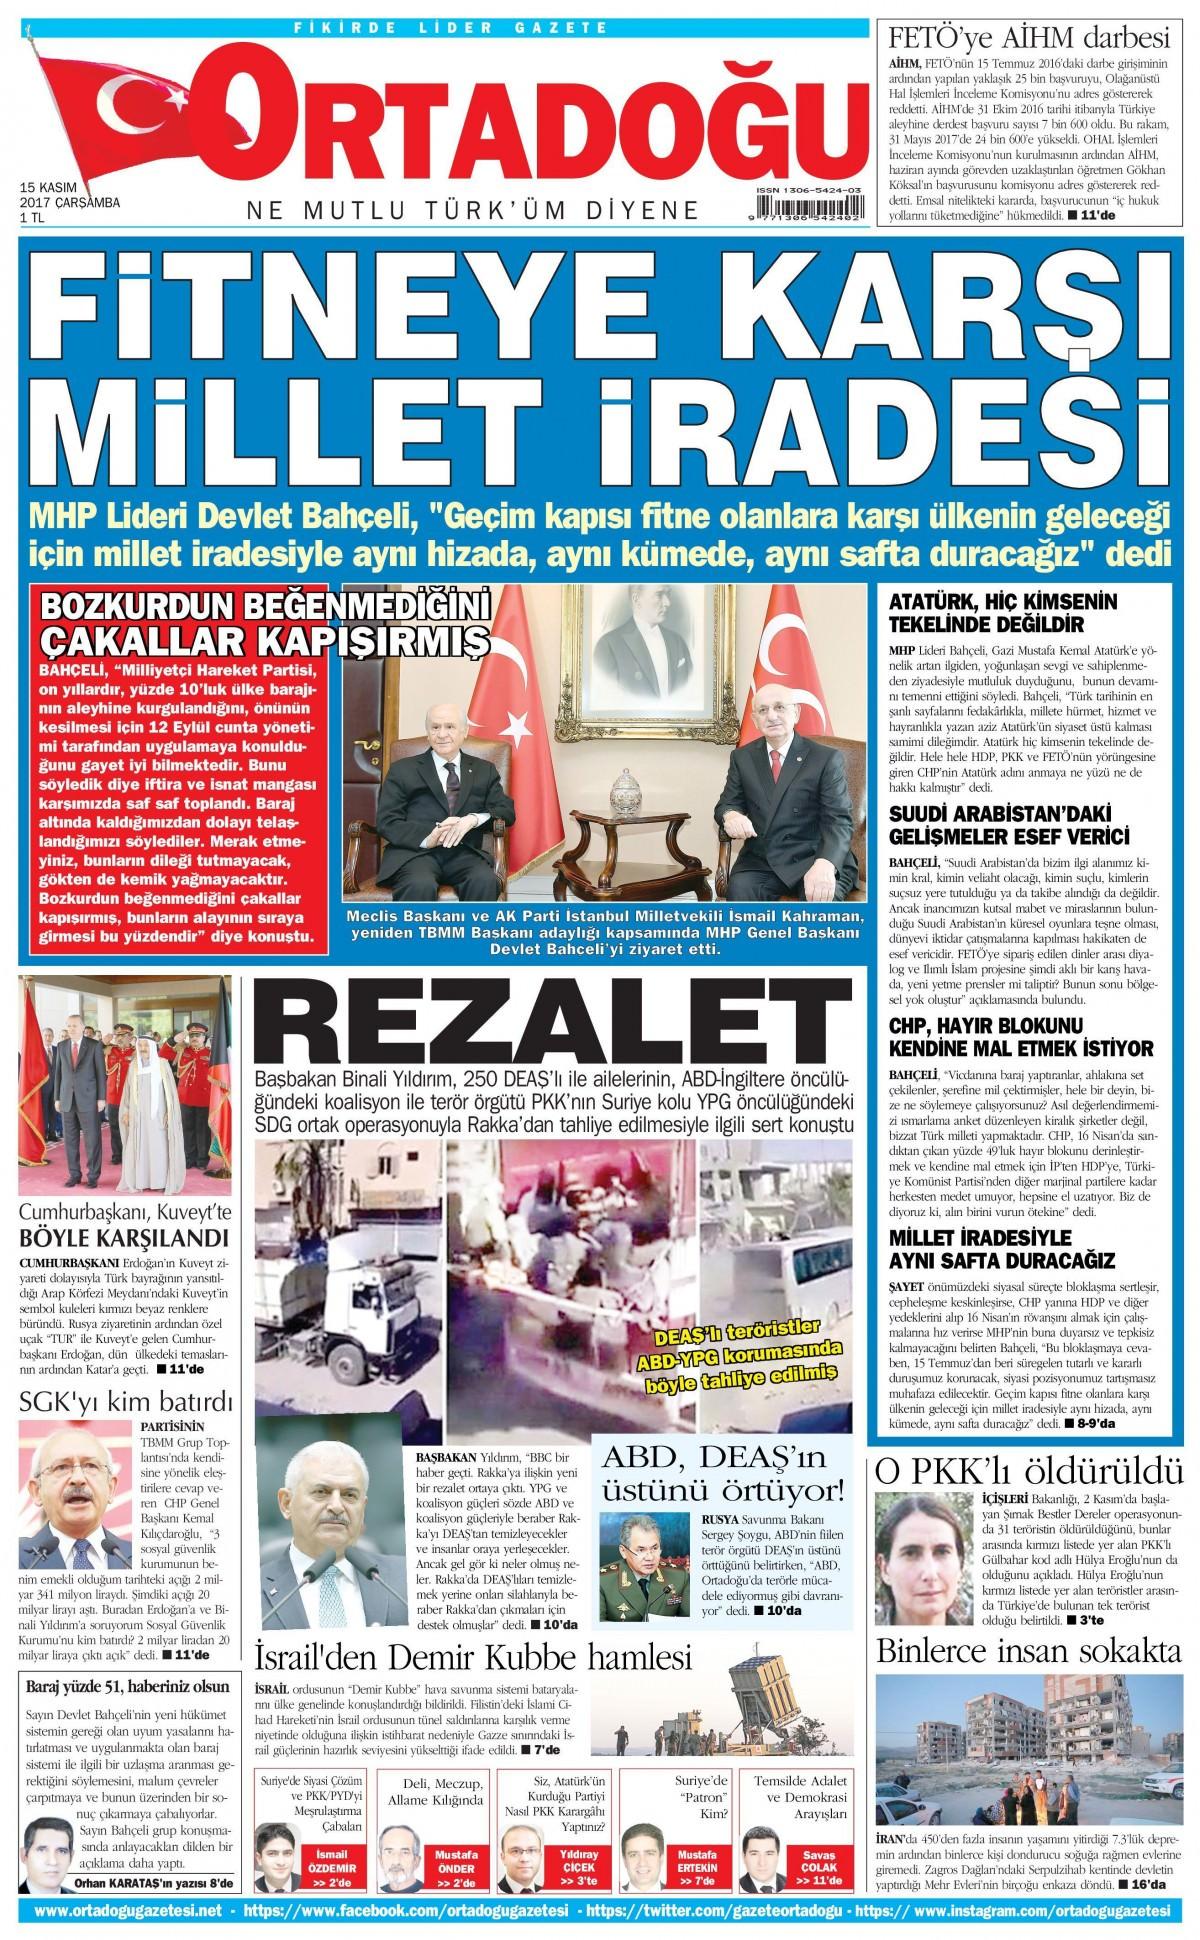 Günün gazete manşetleri (15 Kasım 2017) 15